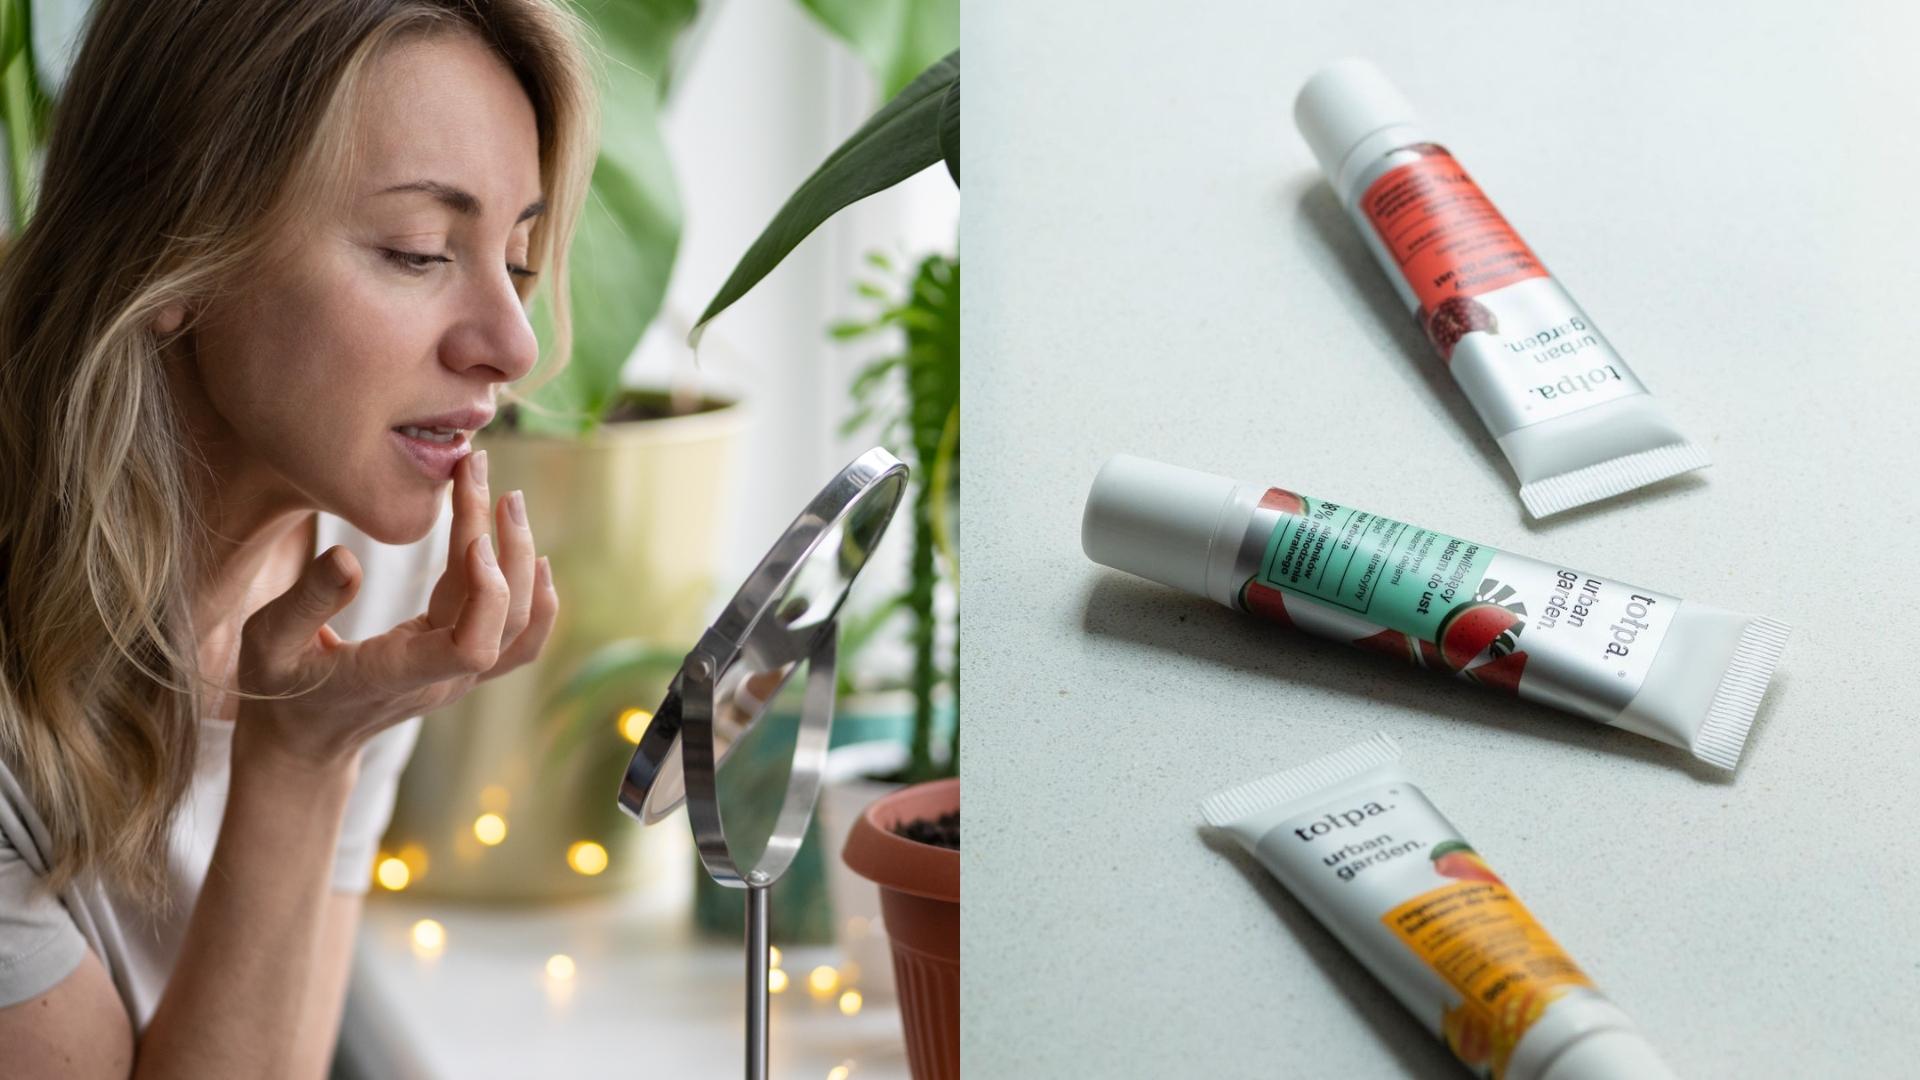 Prezent dla mamy last minute: praktyczny kosmetyk, który zawsze się przyda